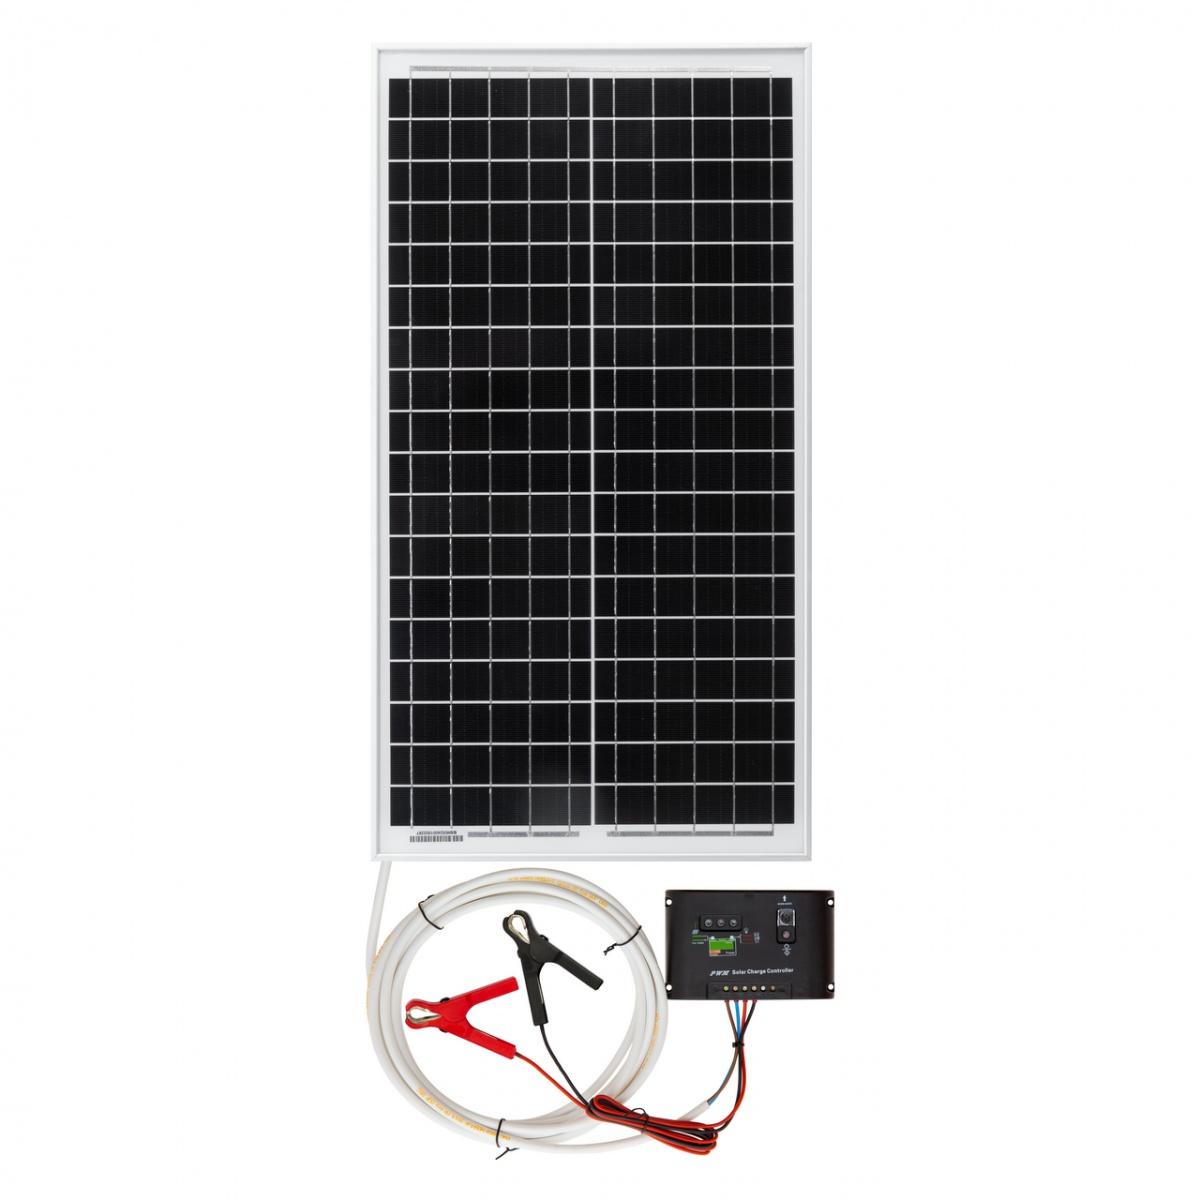 DL4500 villanypásztor készülék, 12V, 4,5Joule, napelemes rendszerrel